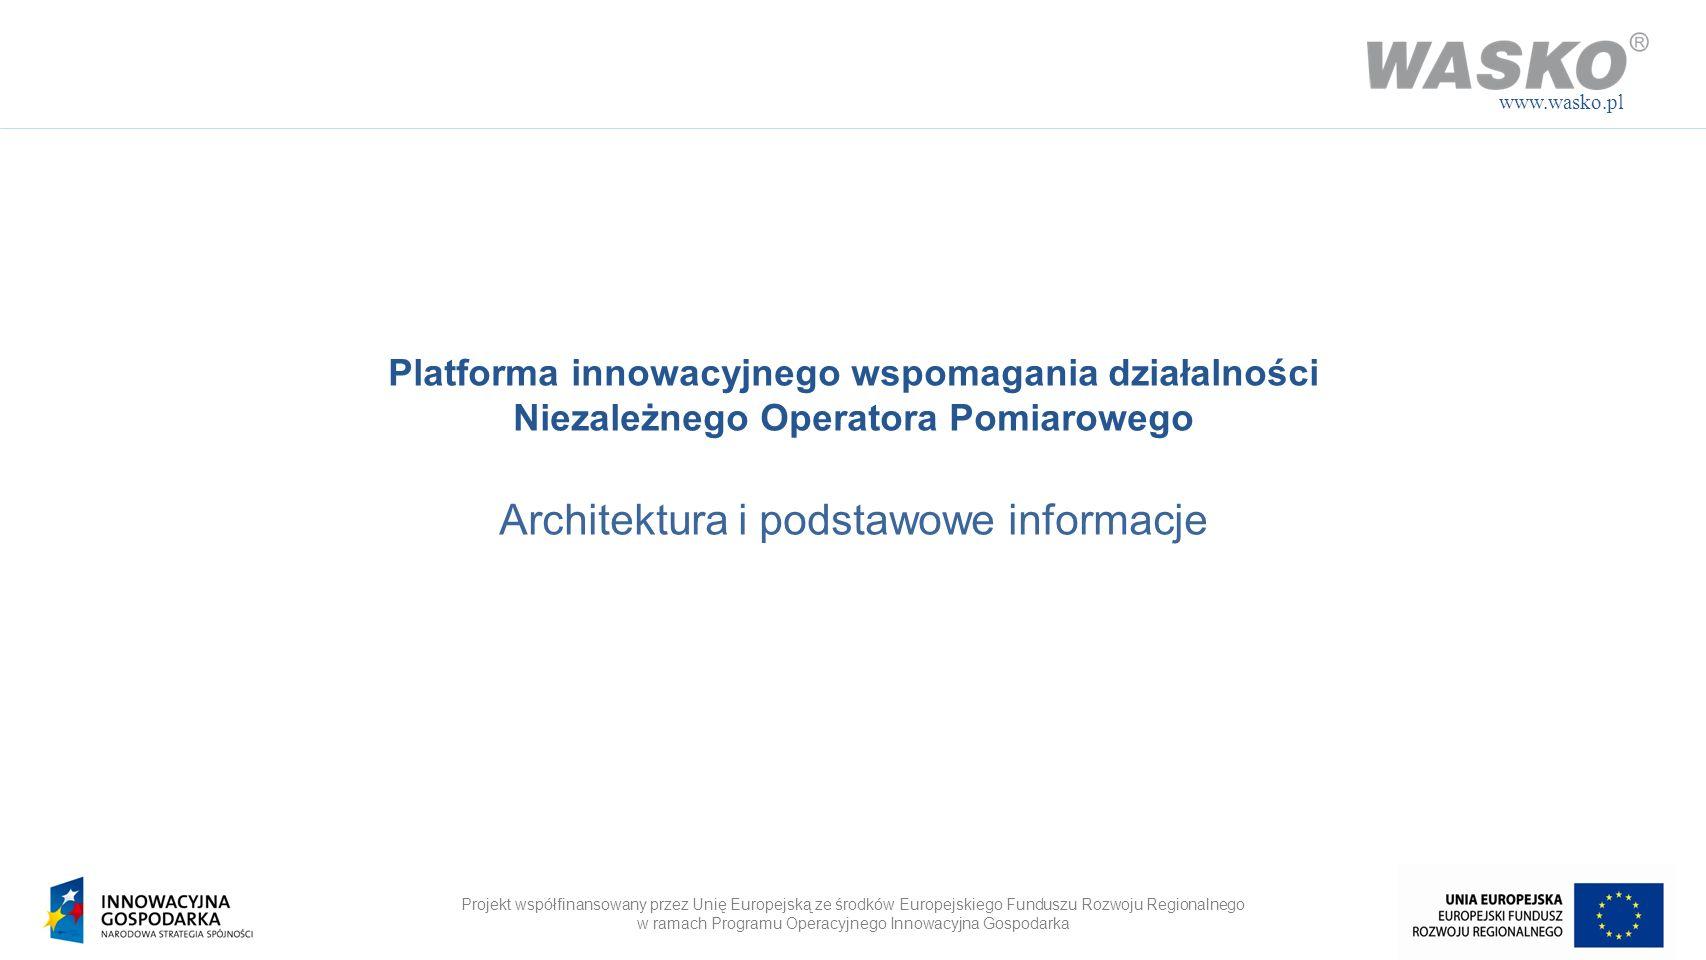 Architektura i podstawowe informacje